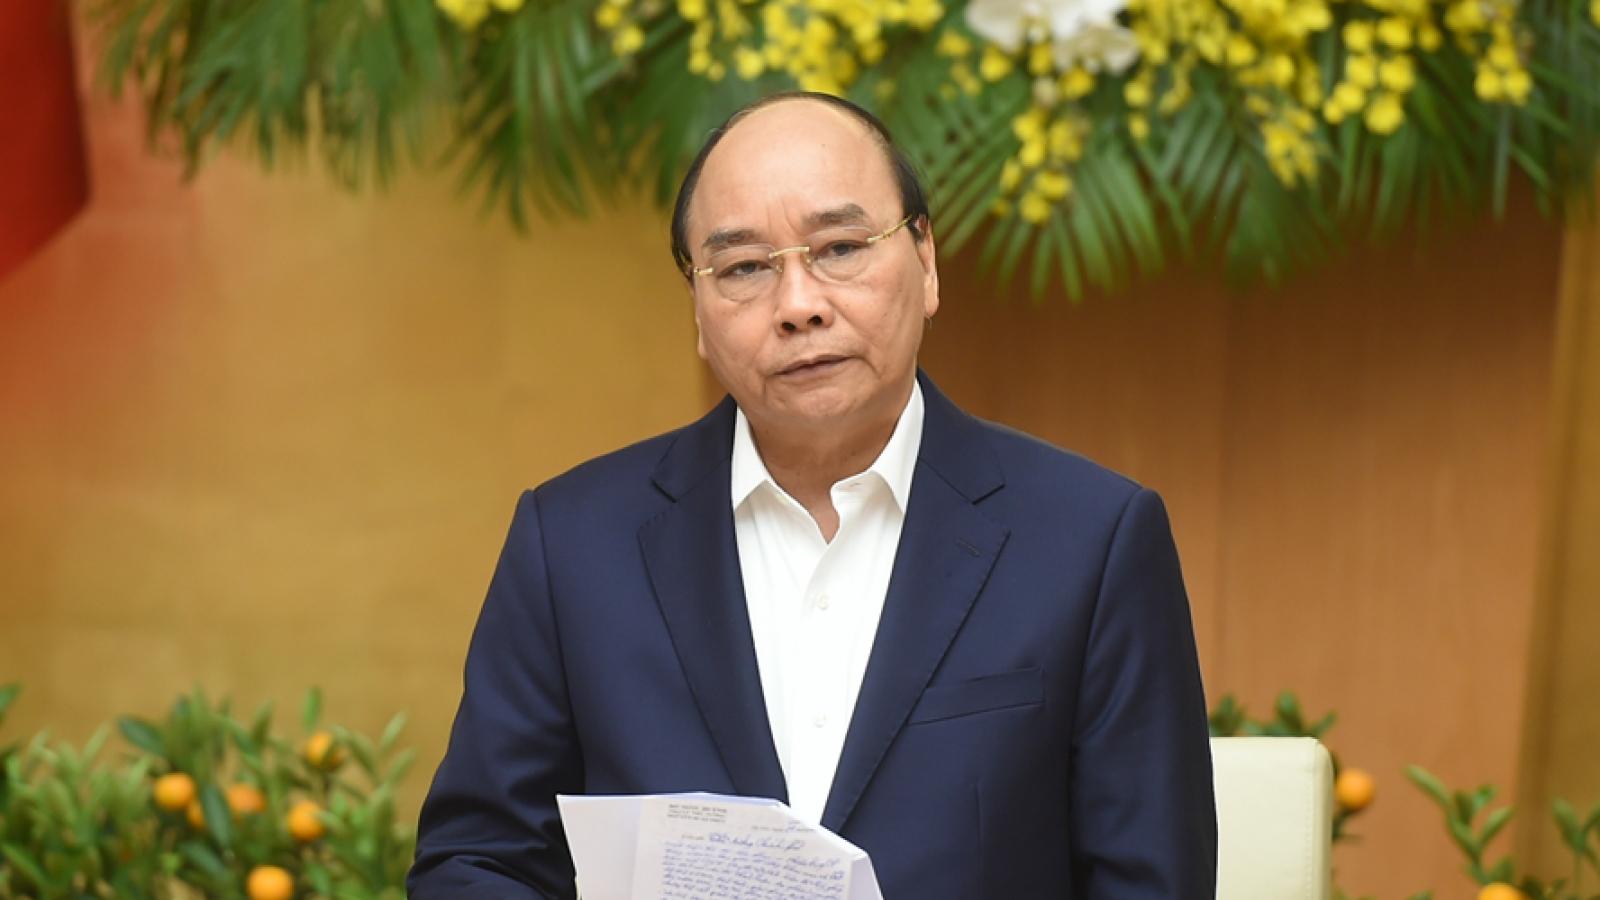 Thủ tướng Chính phủ chủ trì Hội nghị sơ kết hơn 3 năm thực hiện Nghị quyết 120